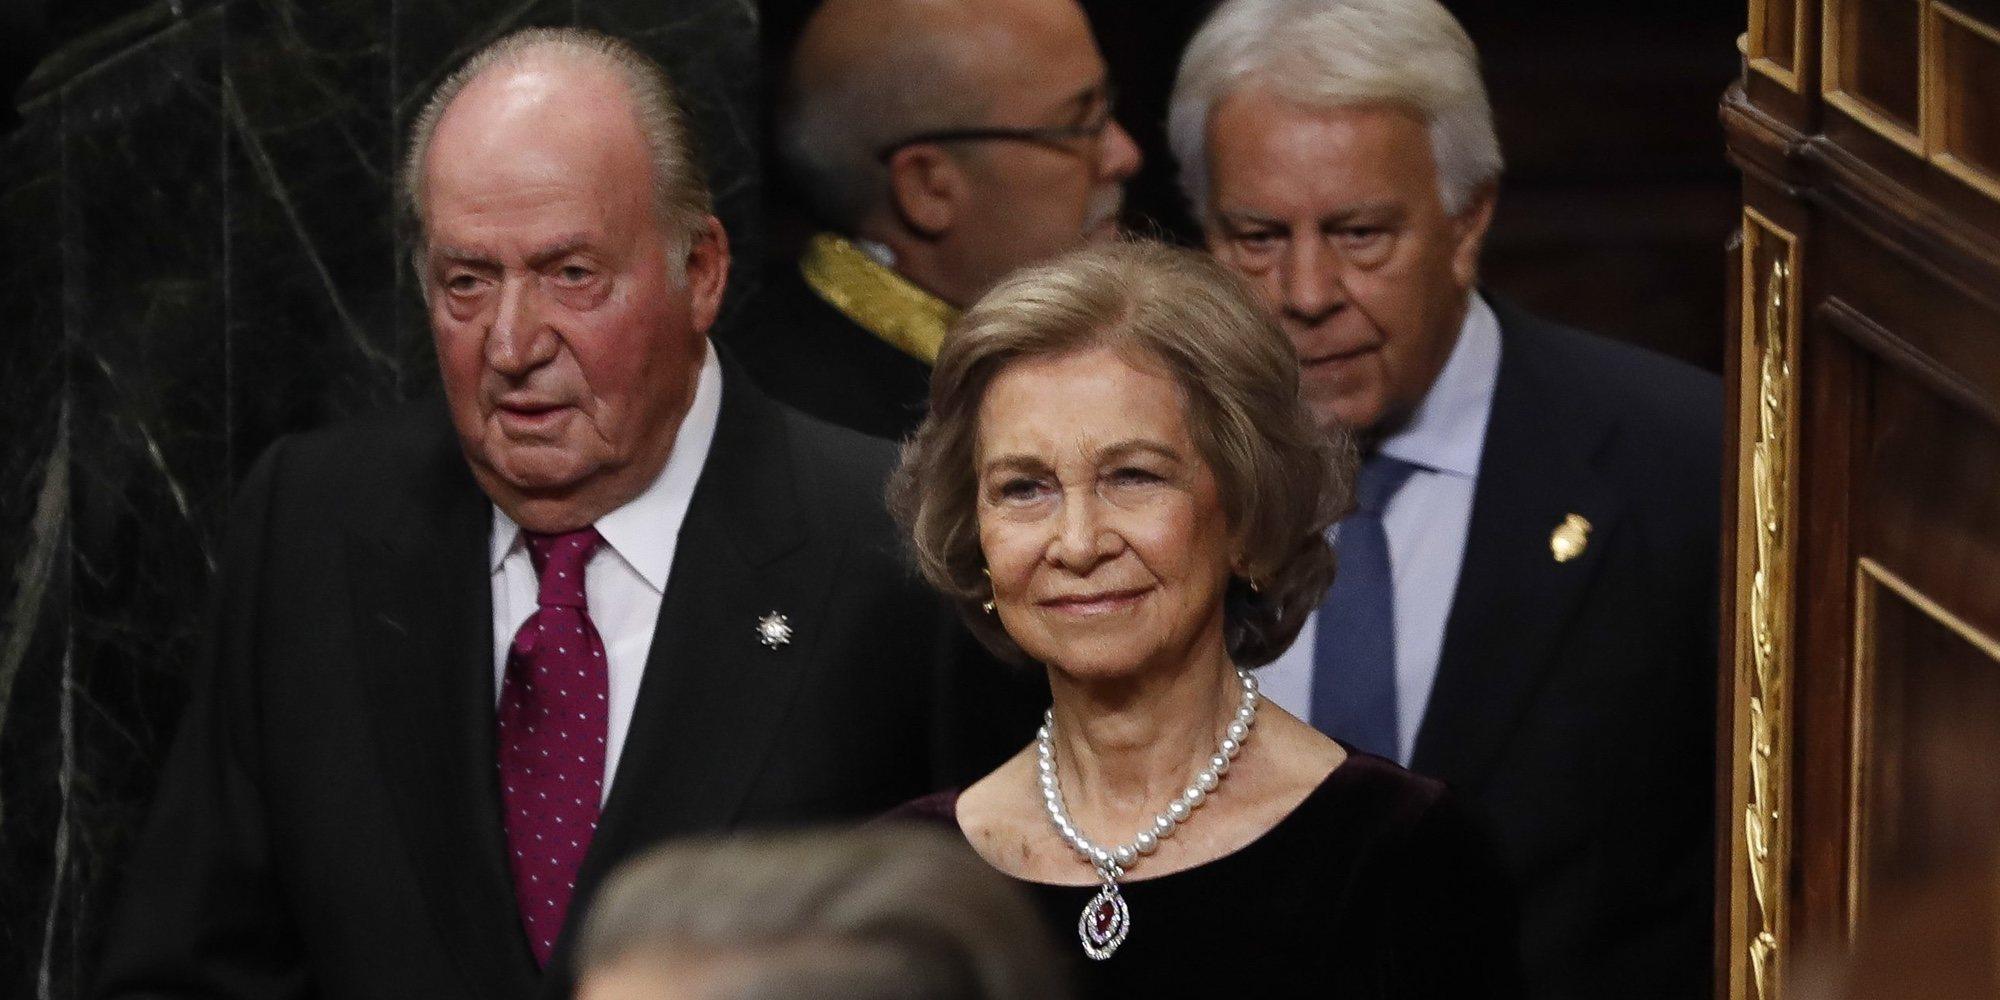 El recuerdo de la Reina Sofía a su madre en un día muy especial: así ha lucido el rubí de la Reina Federica